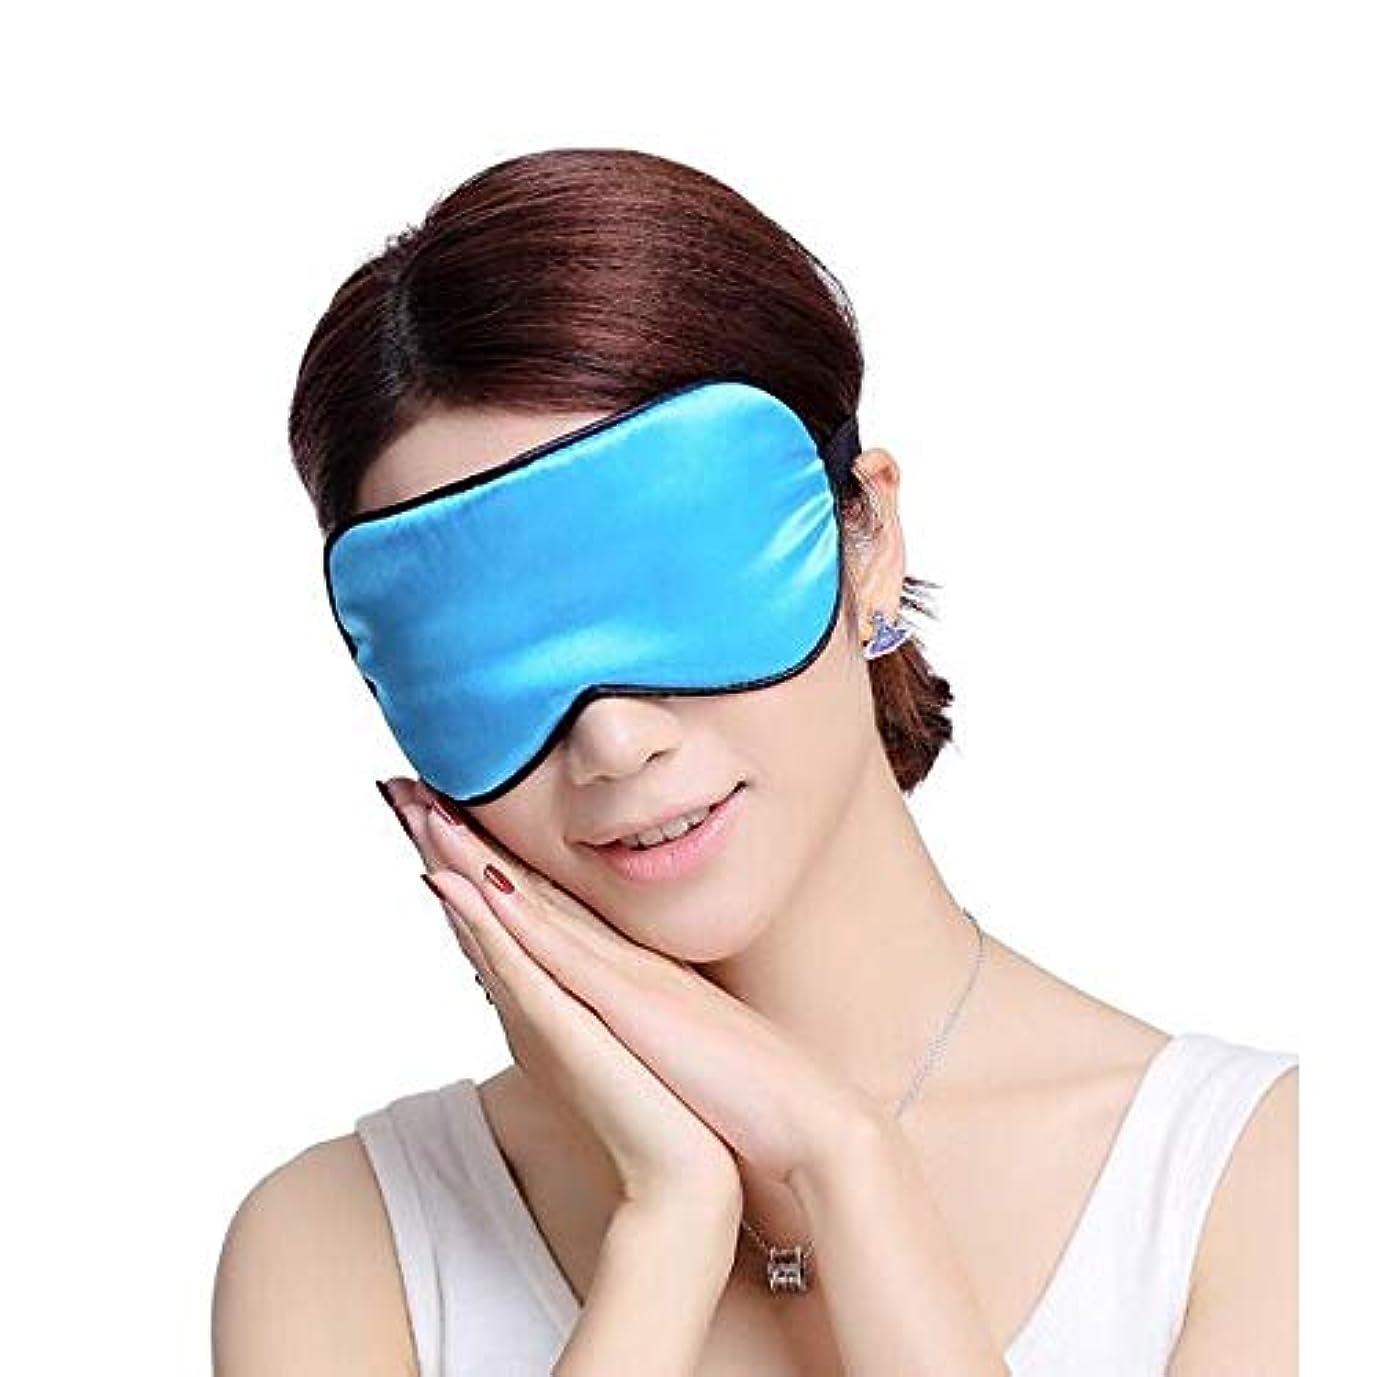 落ち込んでいる牧師賭けHUICHEN ゴーグルの睡眠睡眠ゴーグル快適な停電シルク両面シルク、通気性ユニセックス調整可能な大きな目のゴーグルは、昼寝を旅行します (Color : Blue)